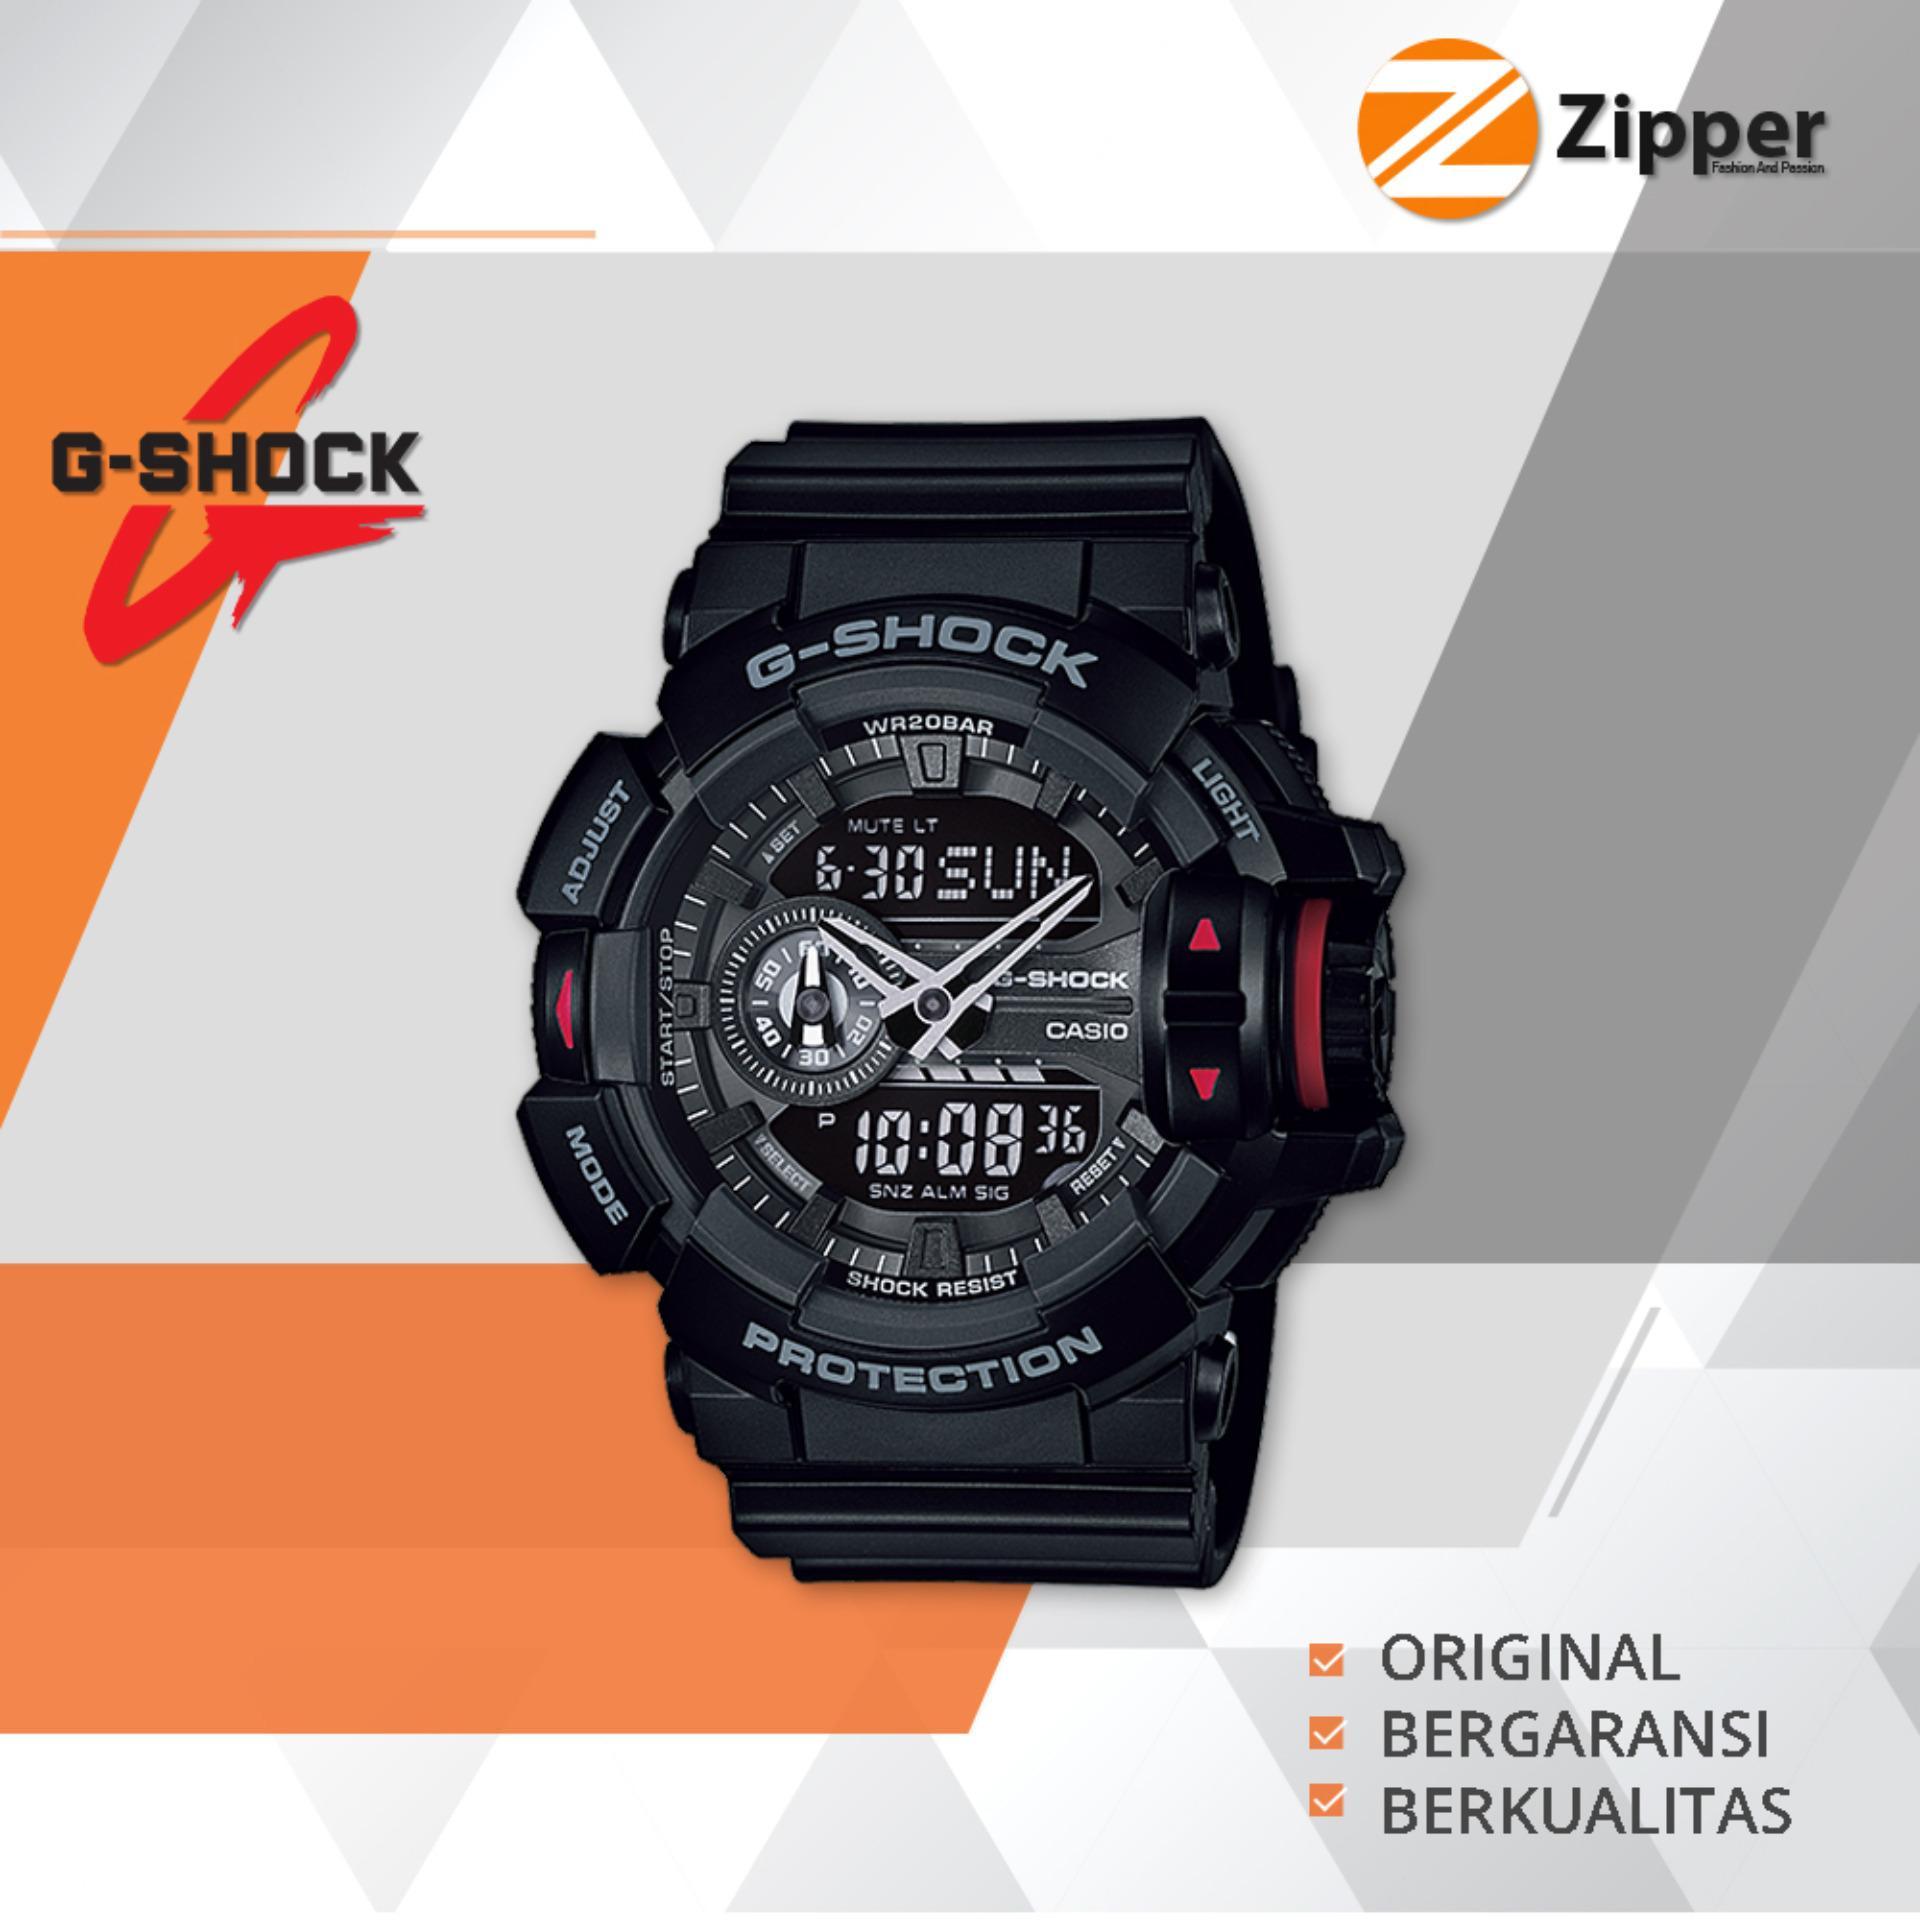 Casio G Shock Jam Tangan Prial Dual Time Analog Digital Ga 400 Series Tali Karet Jawa Timur Diskon